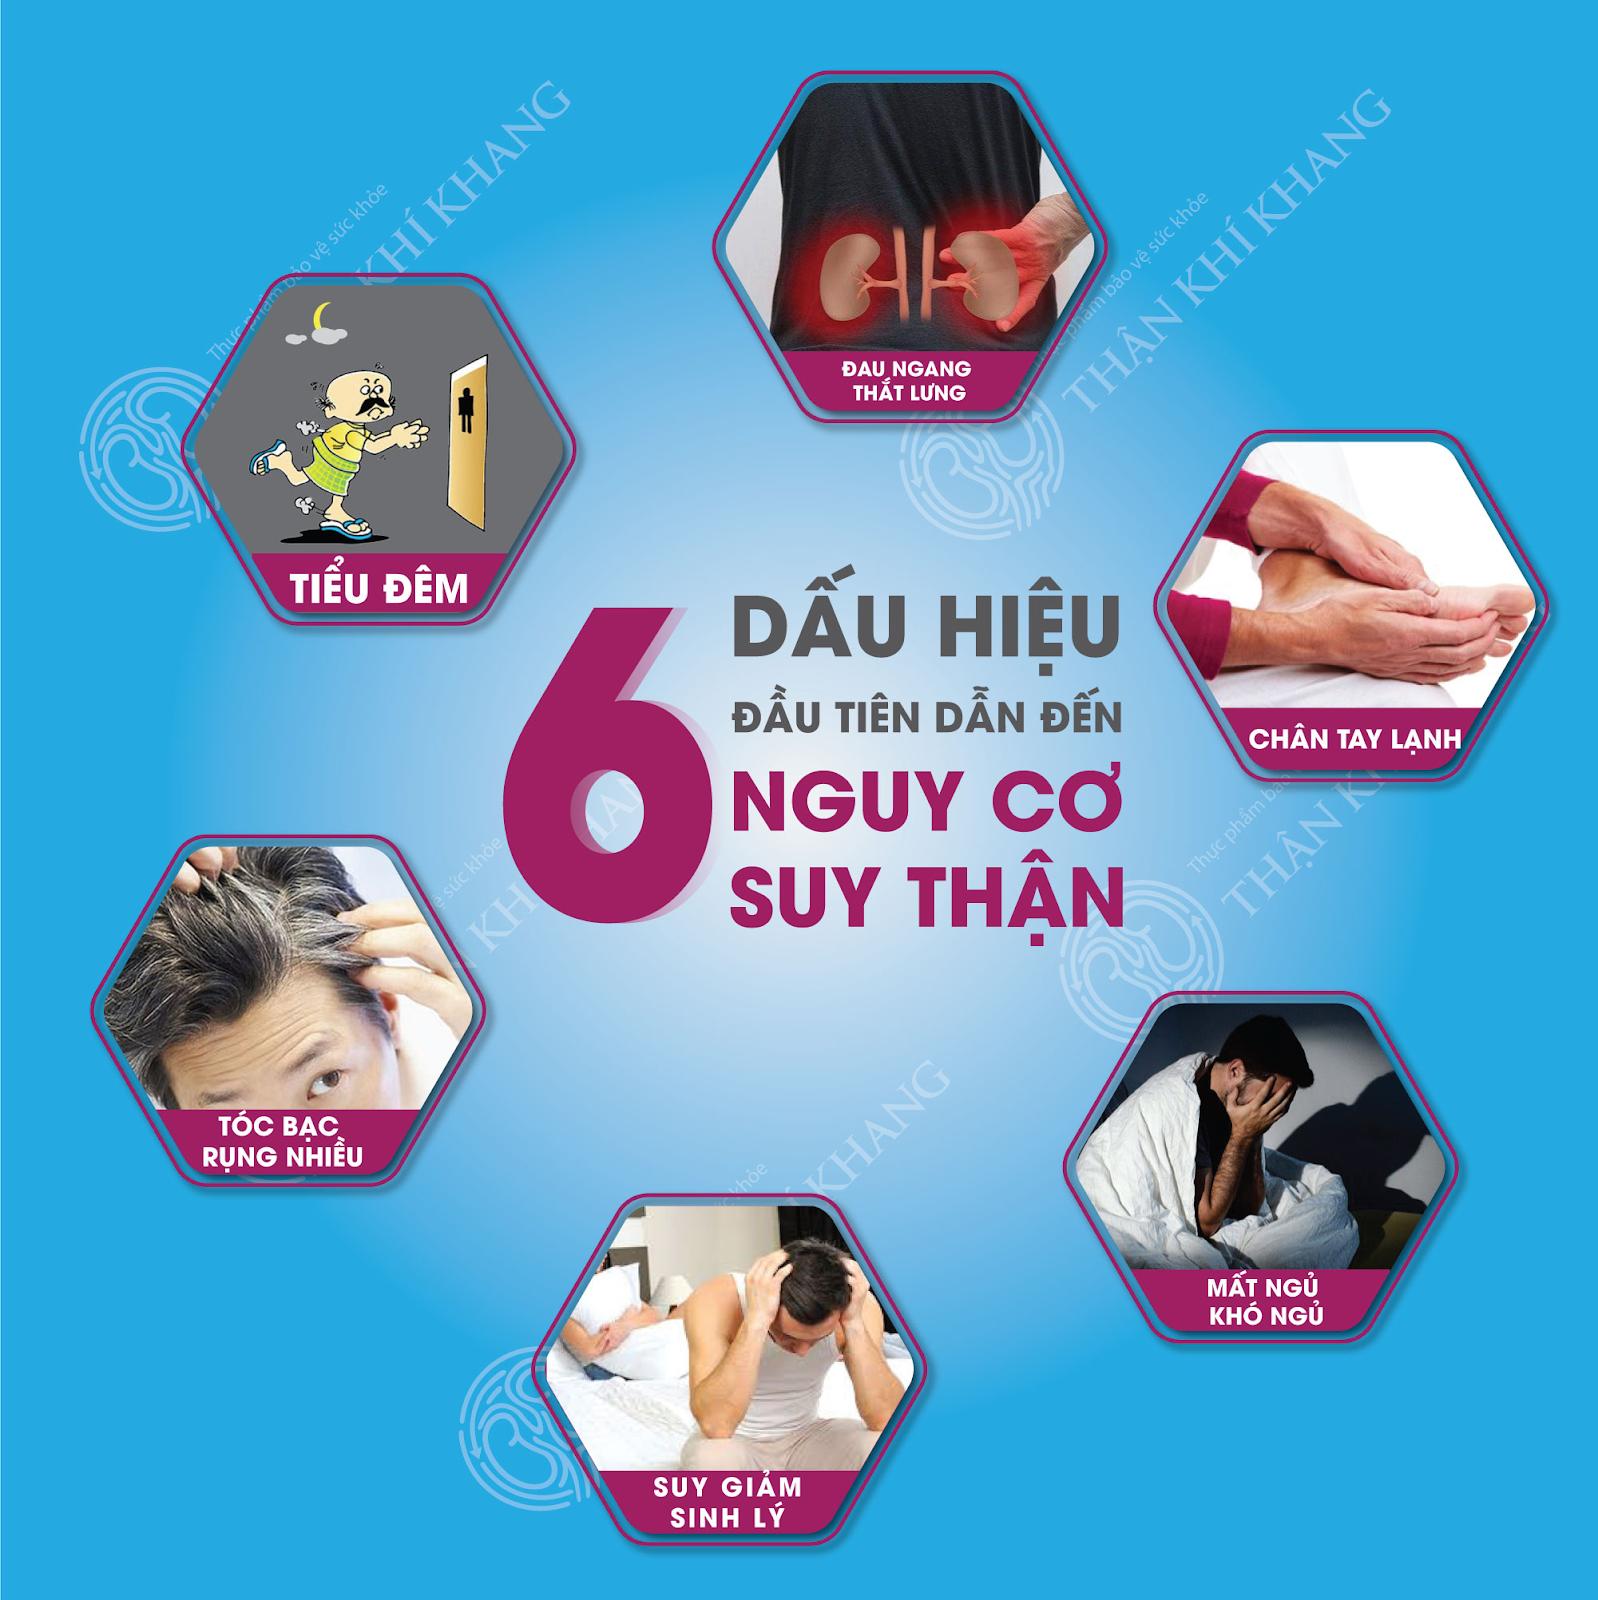 Tất tần tật về bệnh thận không thể bỏ qua, người tiểu đêm, suy giảm chức năng thận cần đọc ngay bài này!  - Ảnh 4